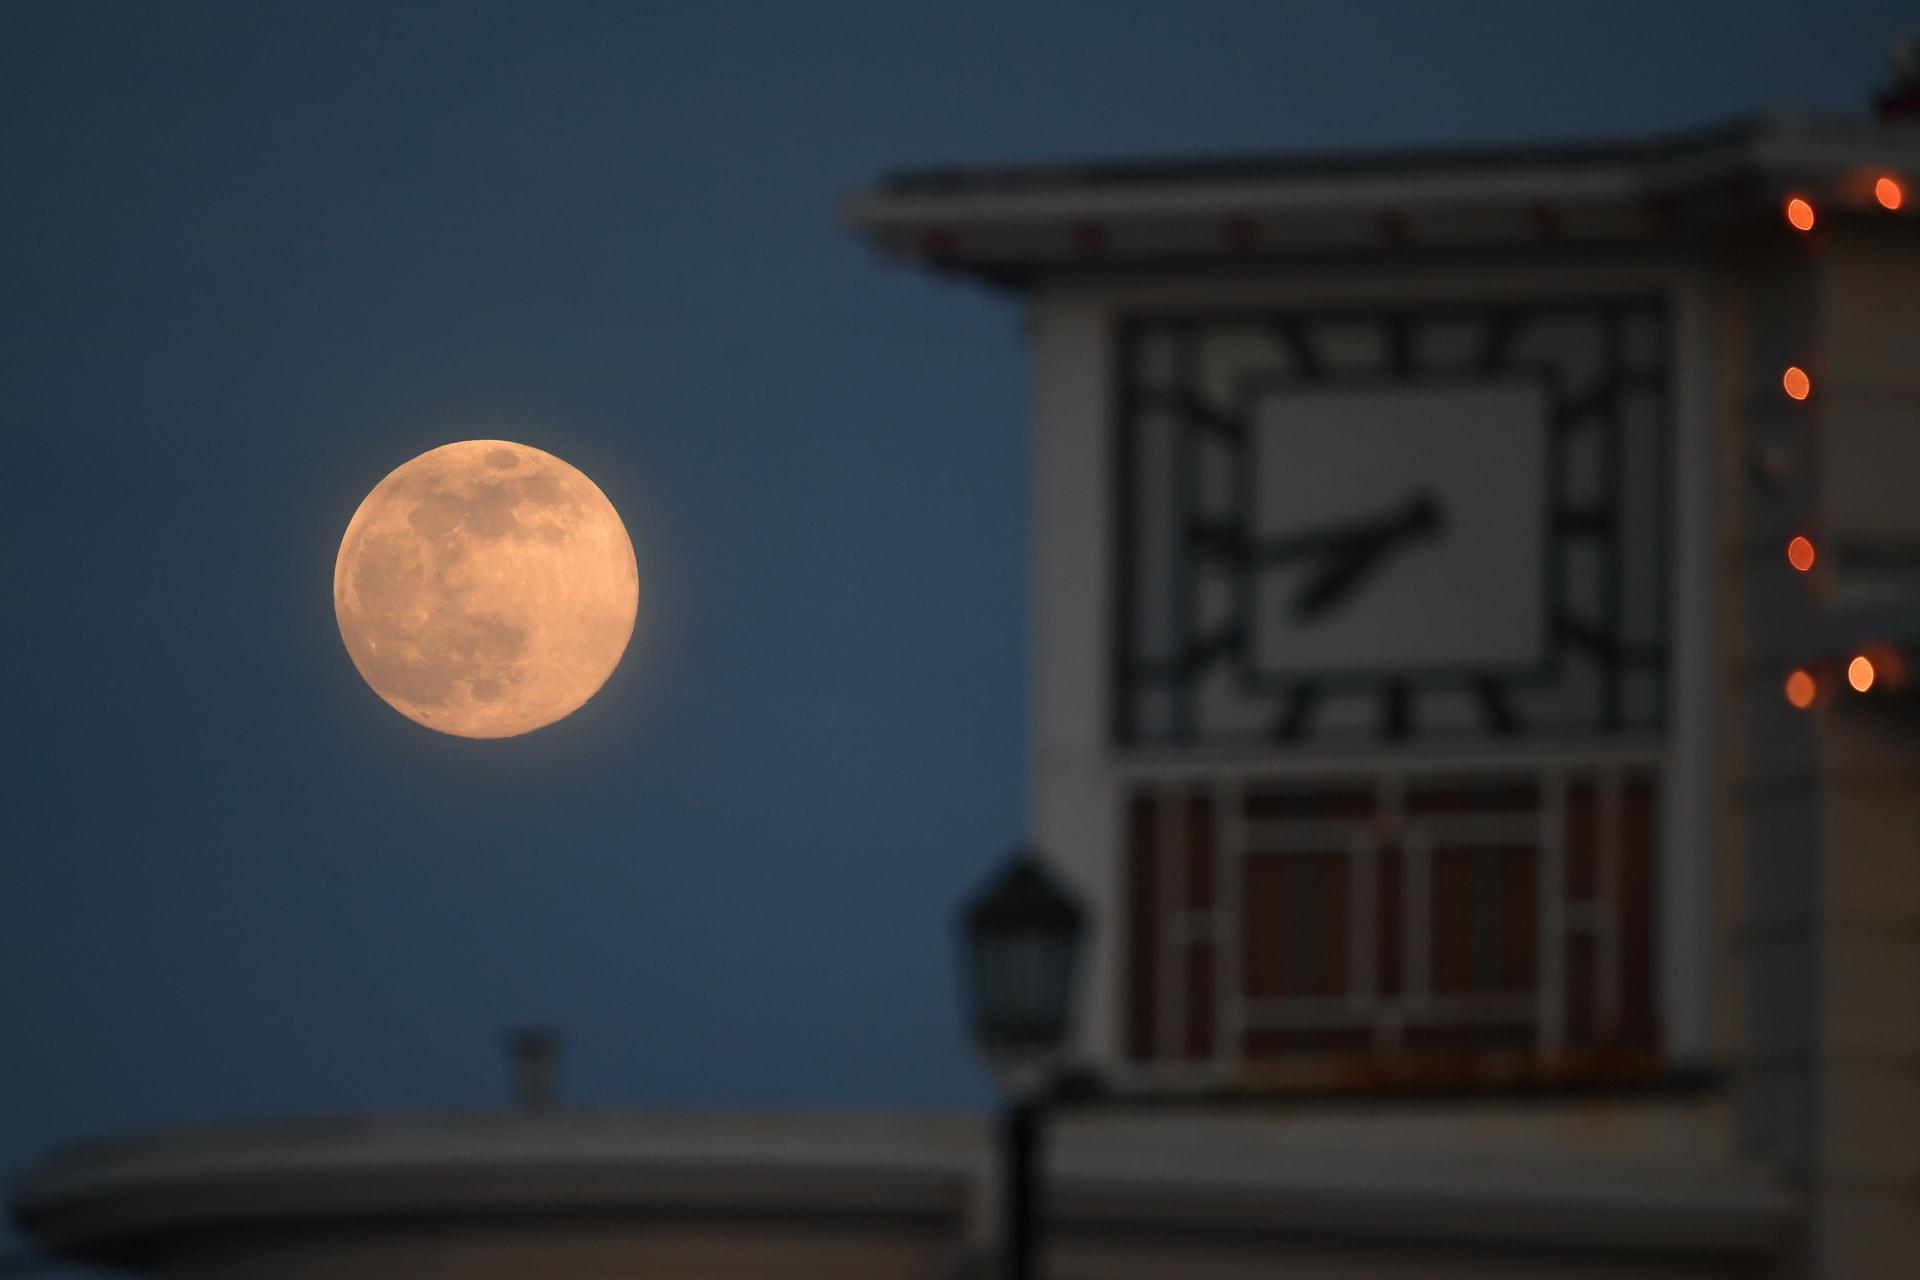 القمر العملاق الأكبر والأكثر إشراقاً لعام 2020